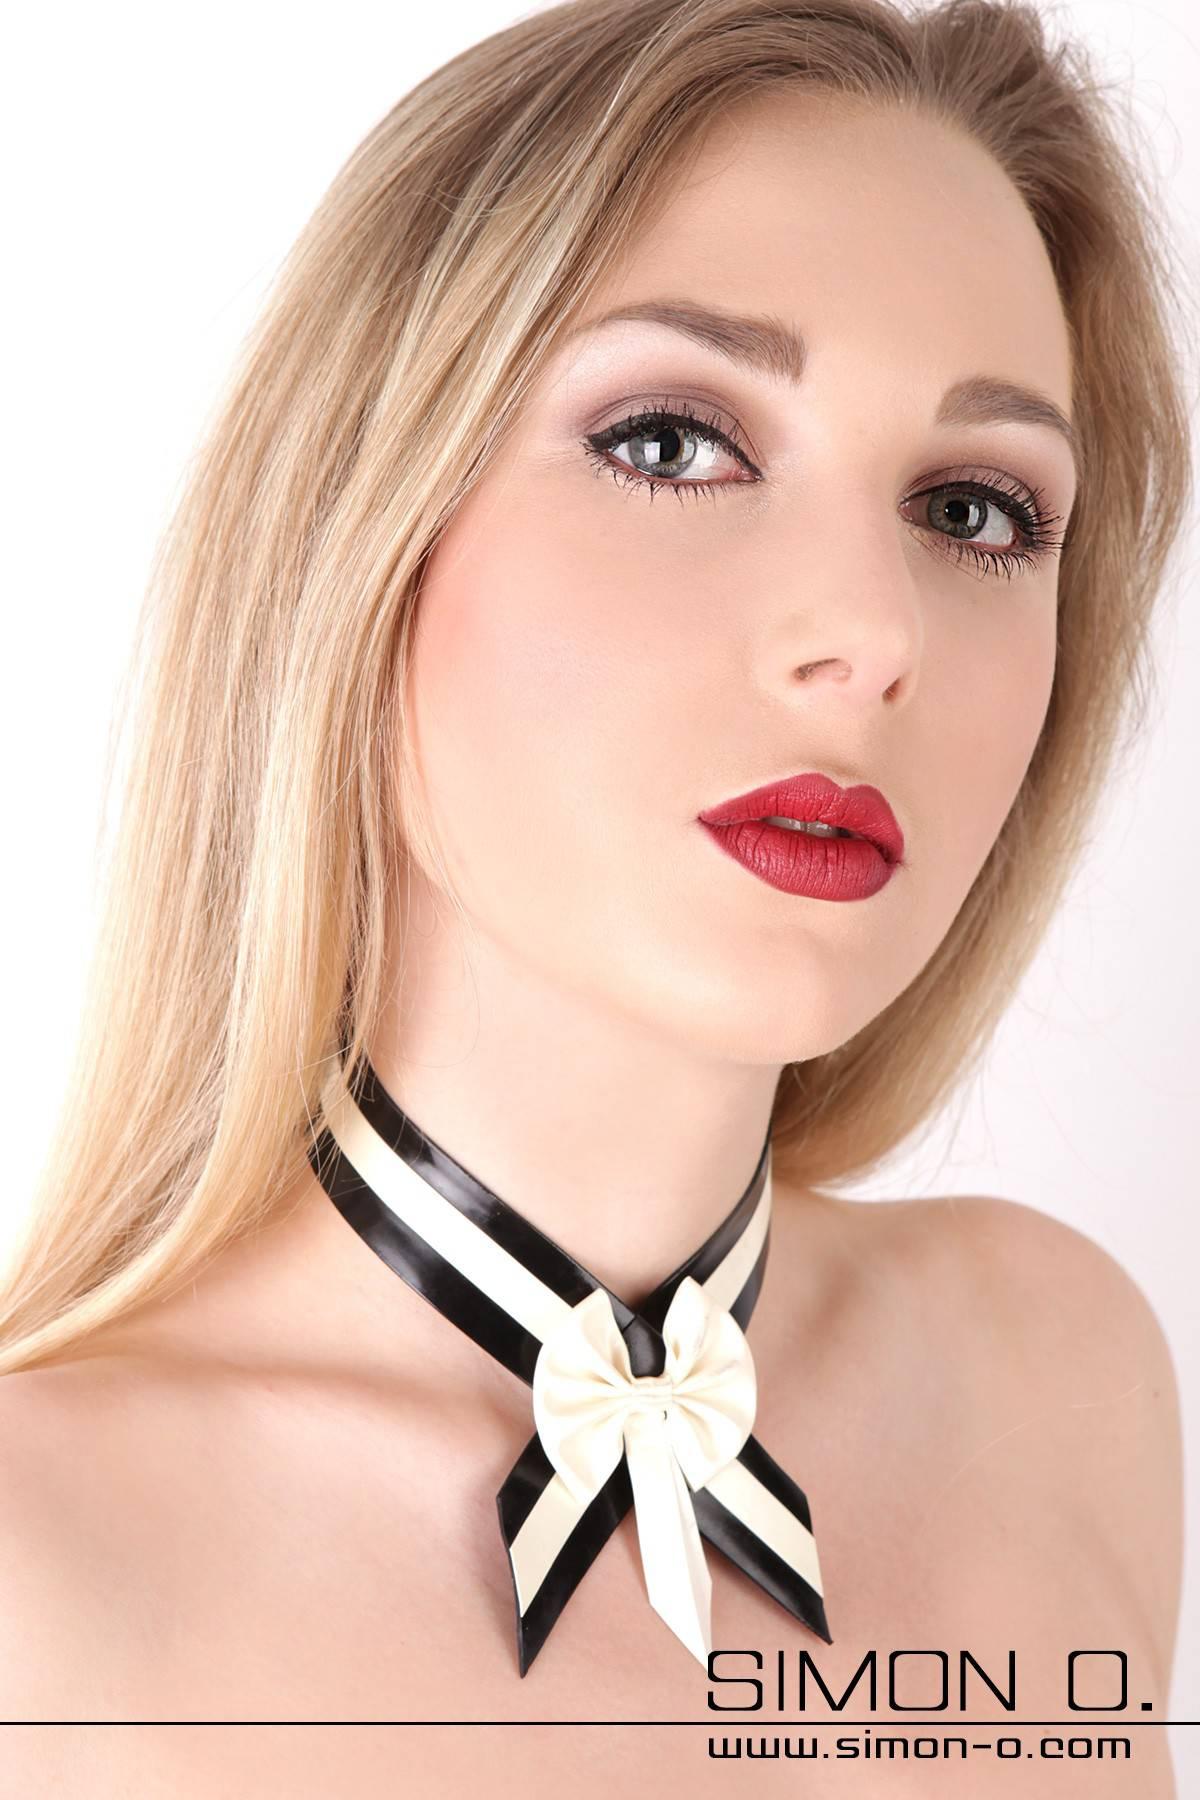 Latex Halsband mit Masche Mit diesem Latex Halsband ergänzen Sie Ihre Latexunterwäsche zu einer perfekten Einheit. In den Farben Schwarz mit weiß kombiniert …